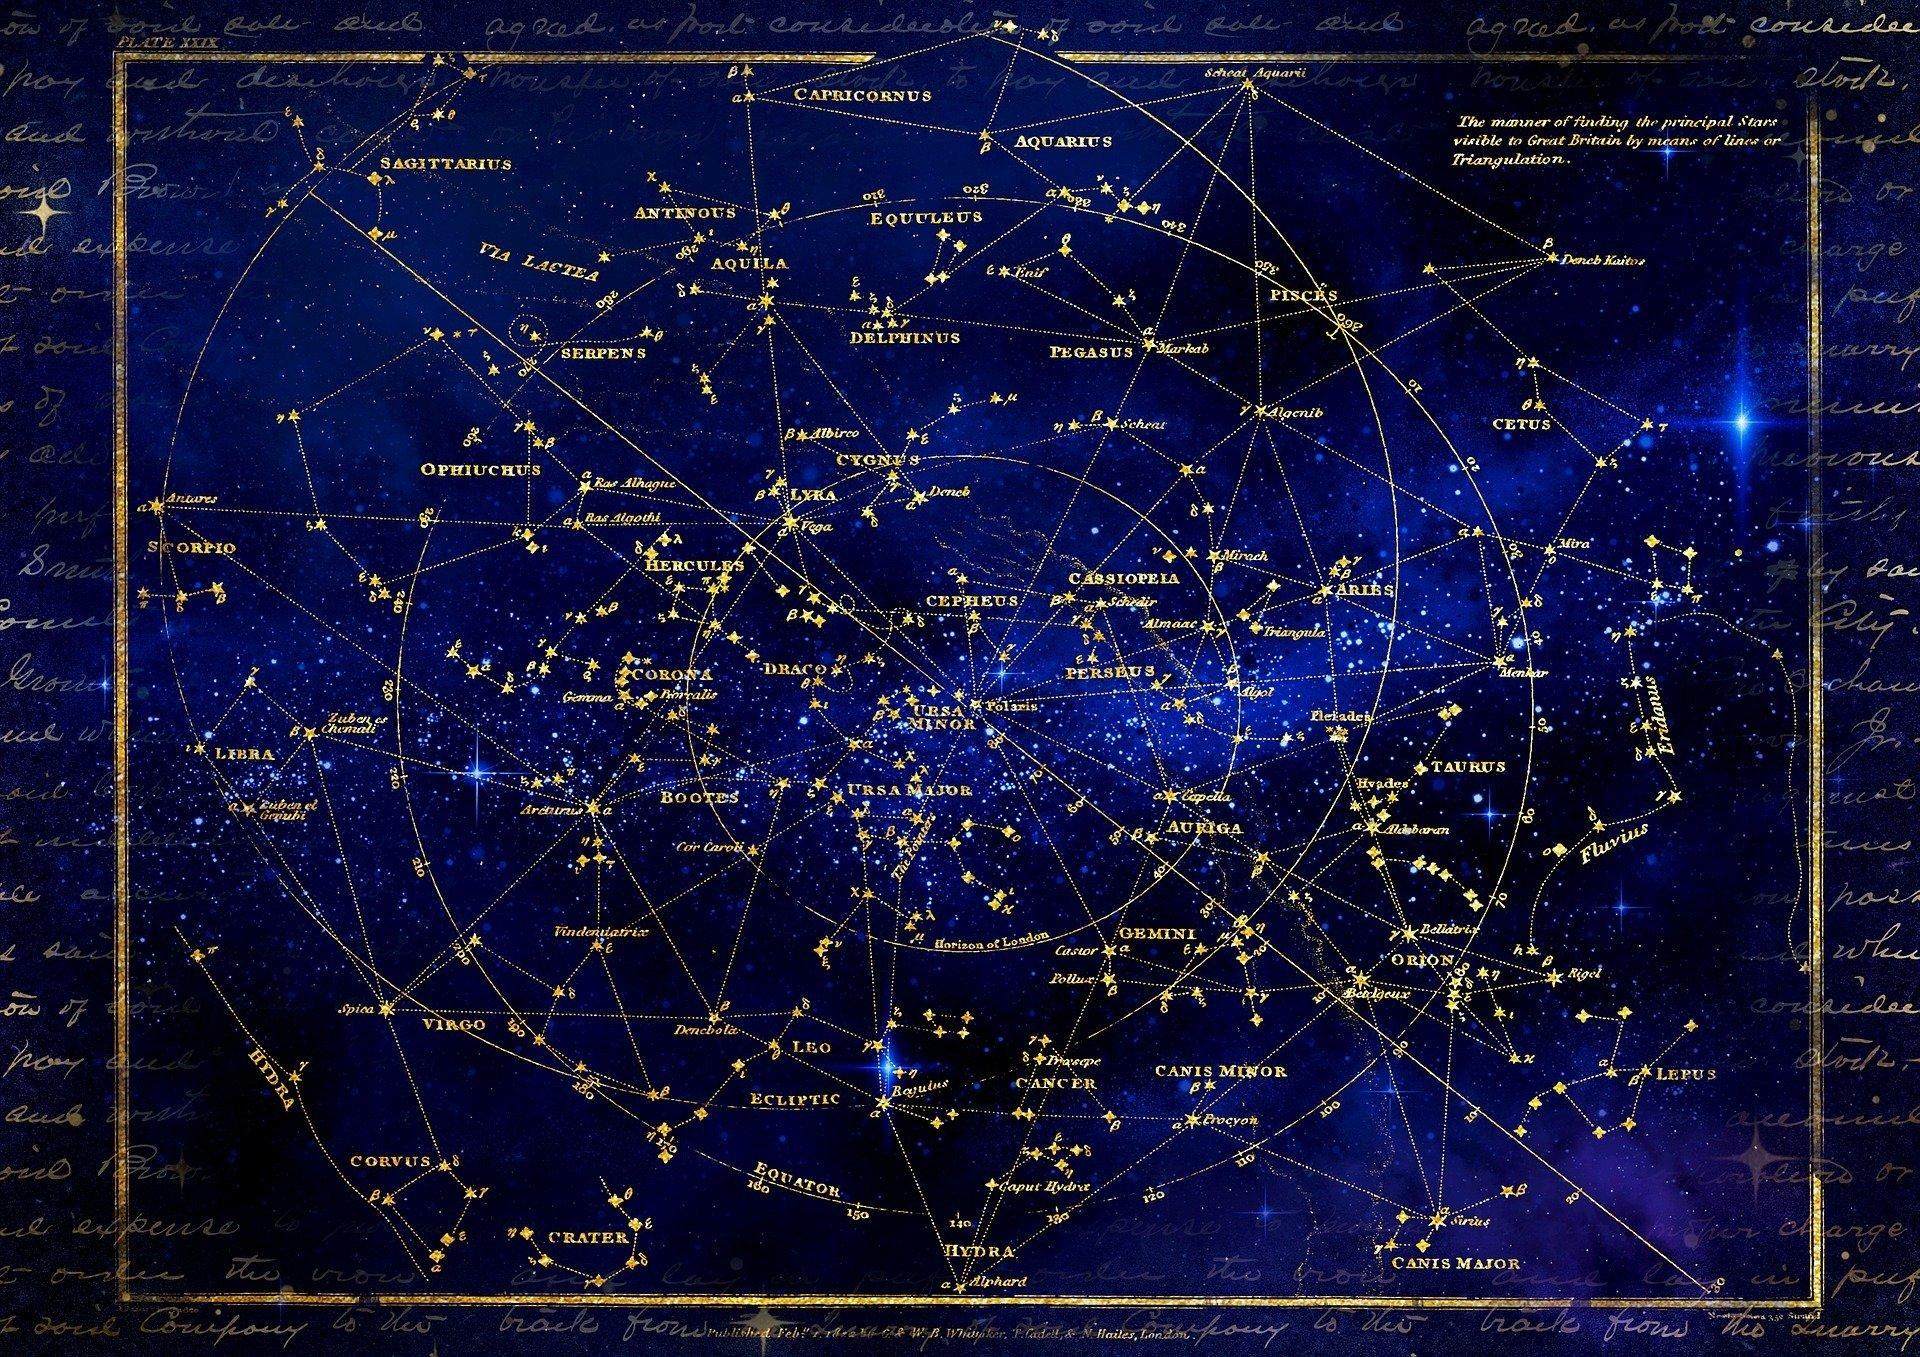 Гороскоп на 21-27 декабря: что пророчат звезды